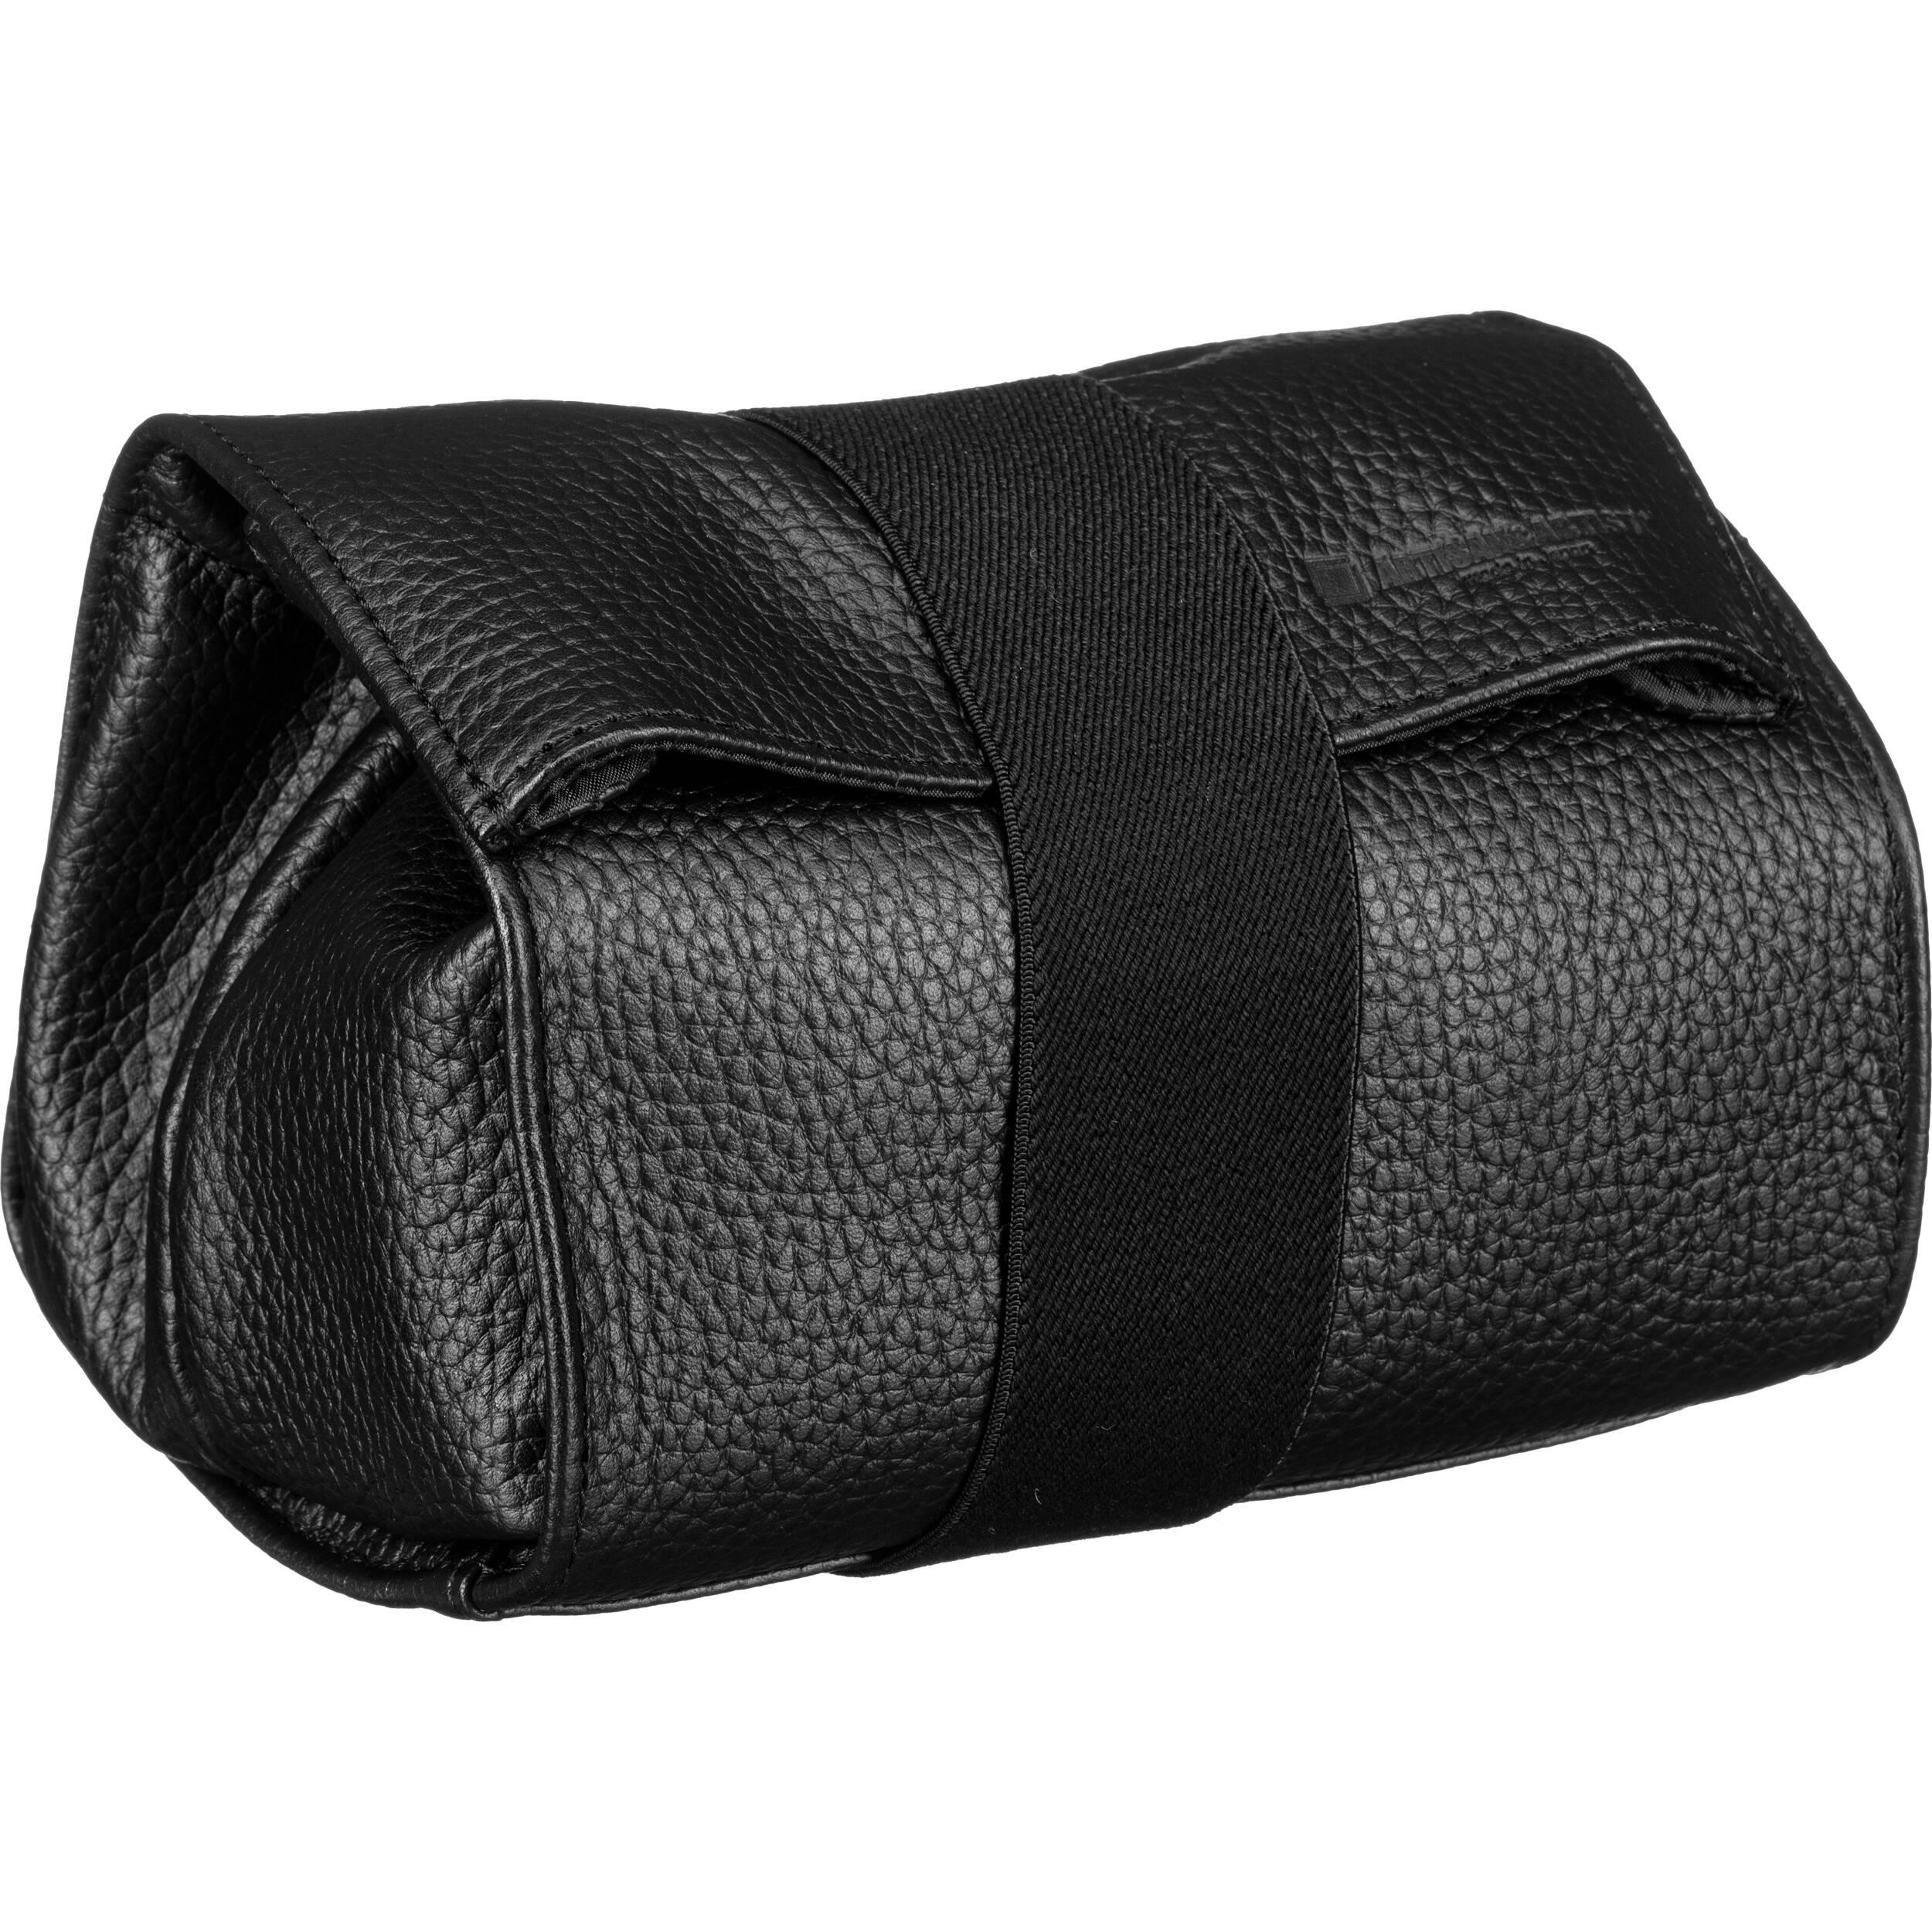 2258691ee013 Artisan   Artist ACAM-78 Soft Leather Pouch (Black) ACAM78BLK